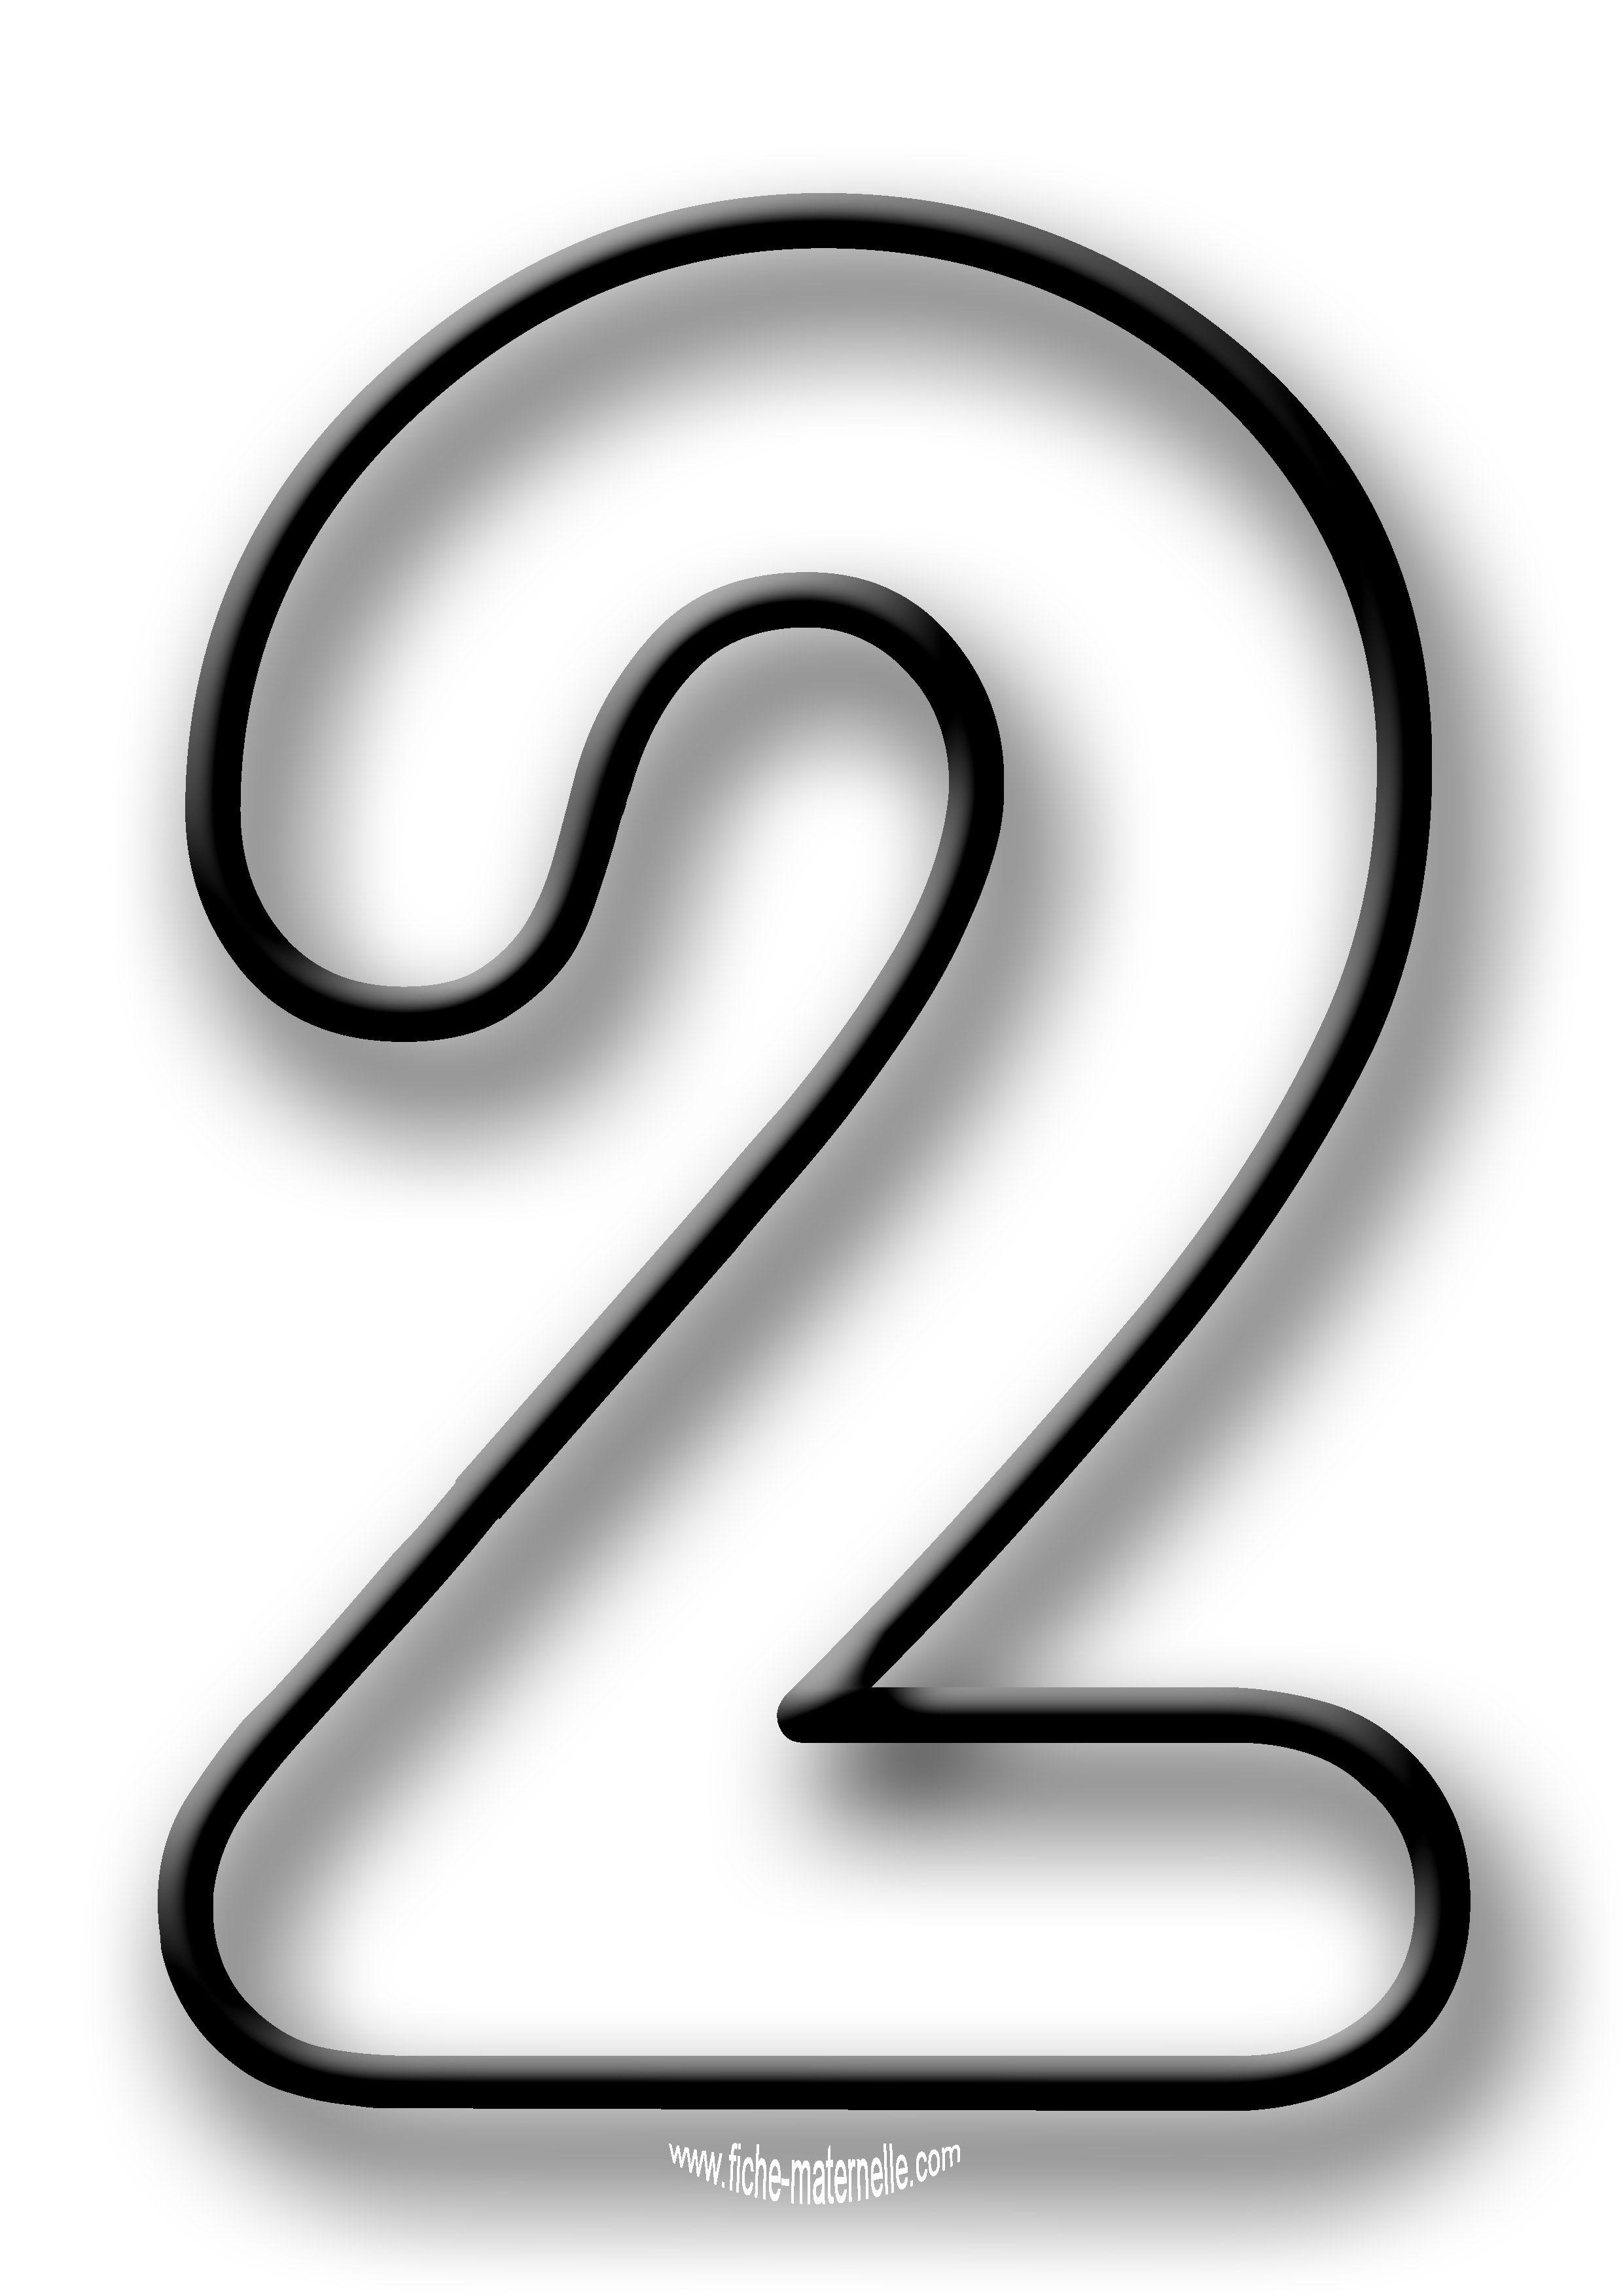 Coloriage des chiffres math les nombres pinterest montessori math math and montessori - Dessin de chiffre ...